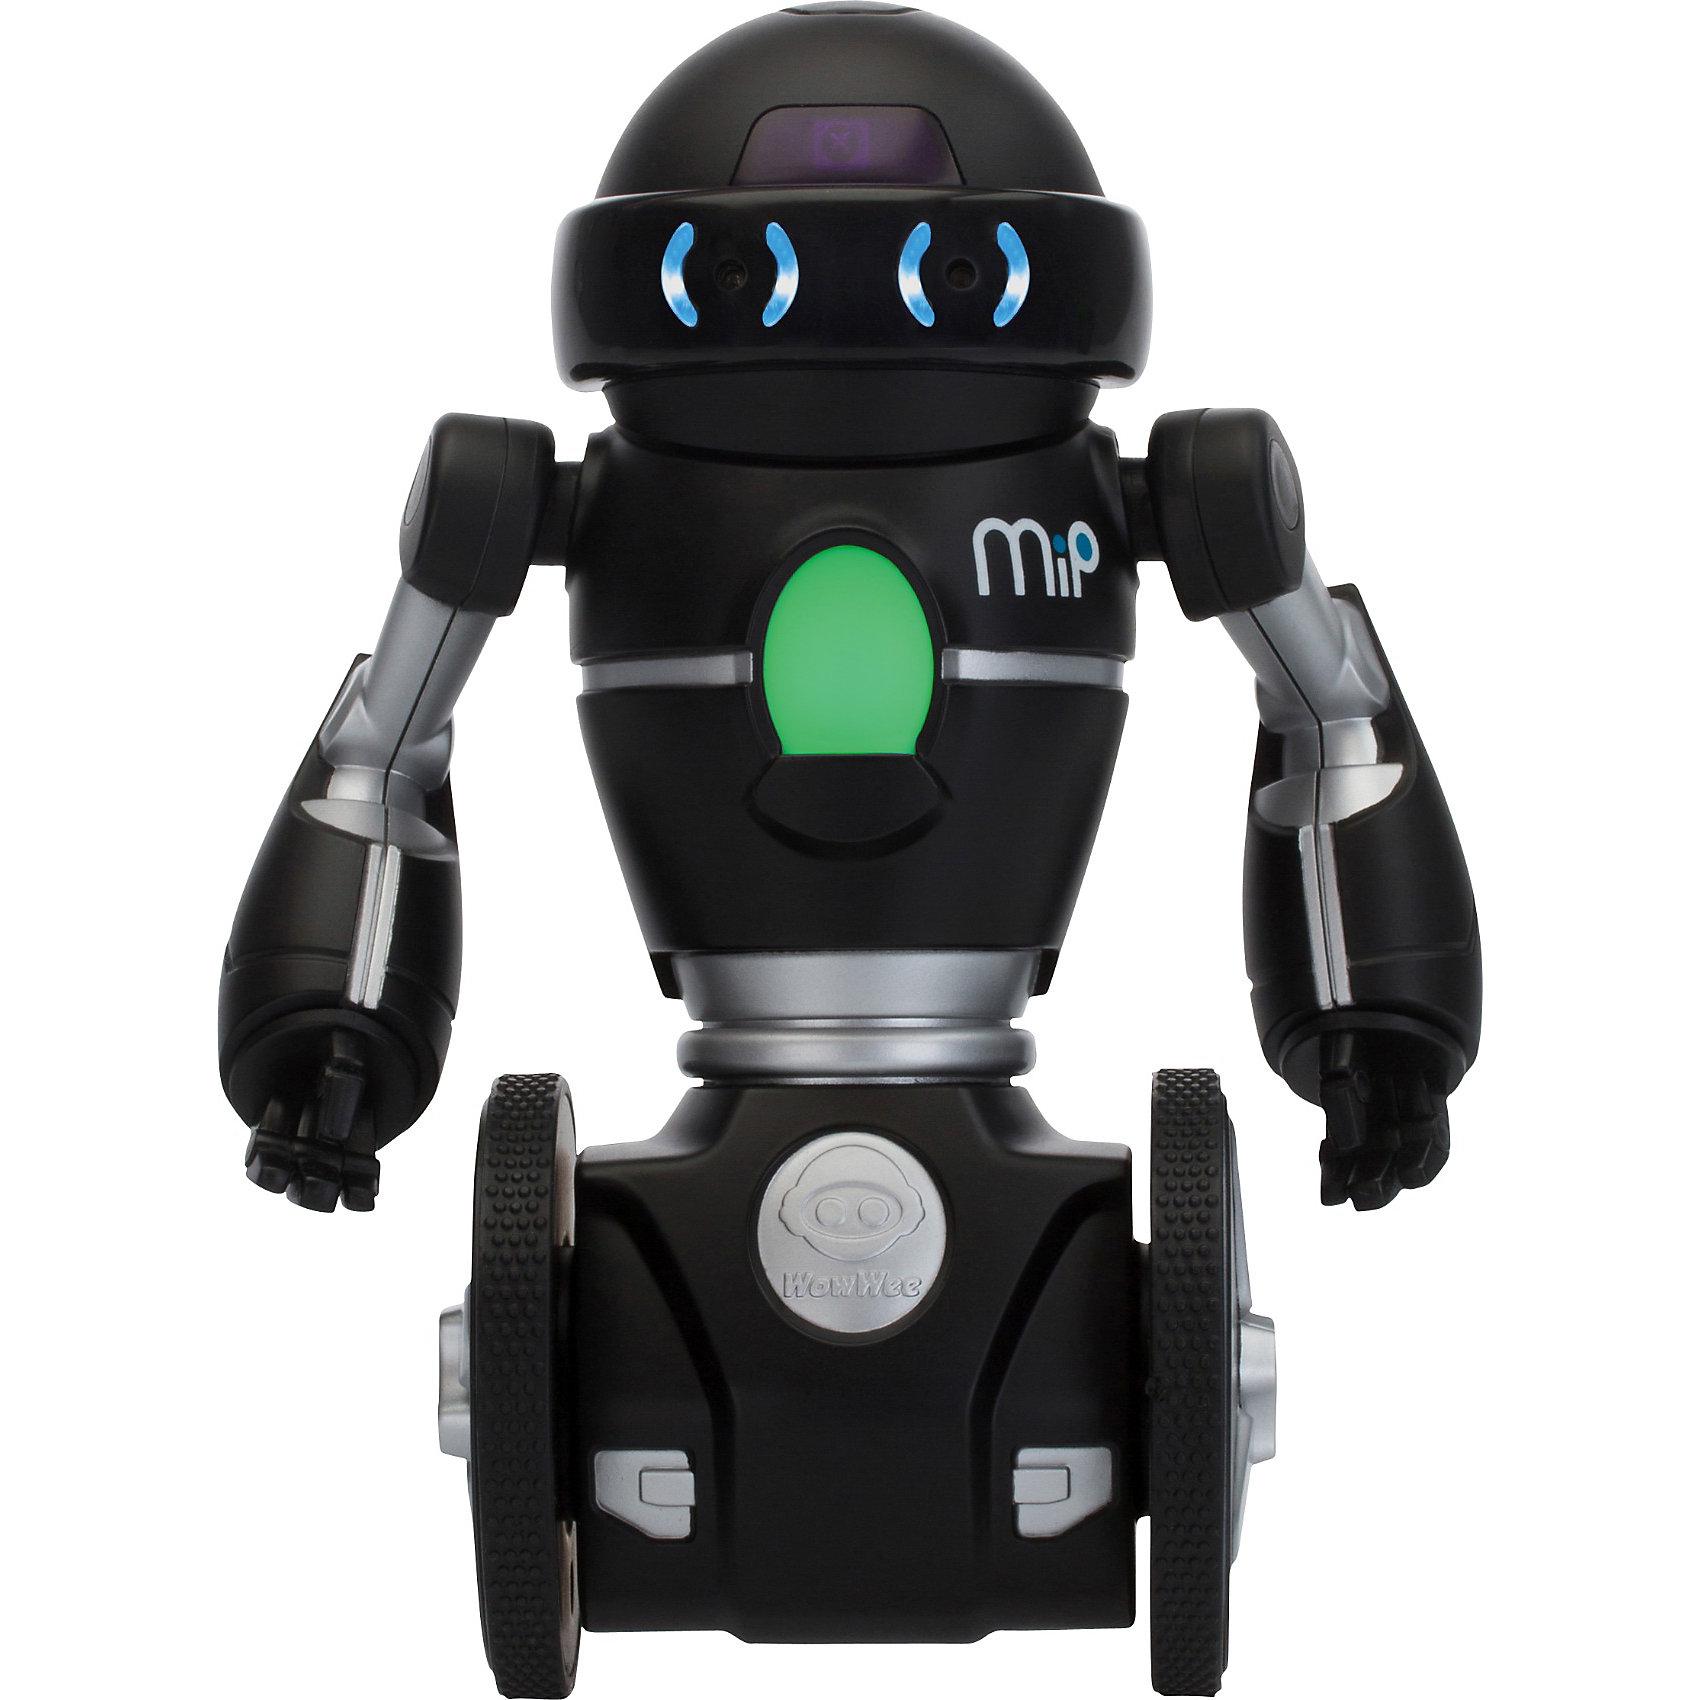 Робот MIP 0825, черный,  WowWeeМечта любого ребенка - настоящий робот, который может двигаться и выполнять команды. Робот MIP 0821, от WowWee - многофункциональный робот на самостабилизирующейся двухколесной платформе, выполненной по технологии обратного маятника. Ориентируясь на ваши движения и жесты, этот робот будет виртуозно переносить на подносе различные вещи и издавать различные звуки. Игрушка управляется жестами или с помощью смартфона. Робот ориентируется в пространстве, реагирует на препятствия, танцует под музыку. С помощью приложения вы сможете менять настроение робота (весёлый, сонный, злой), можете попробовать сыграть в интерактивные игры с несколькими MIP и поменять самые разные настройки, нарисуйте пальцем на экране вашего смартфона путь робота, а он его повторит.<br><br>Дополнительная информация:<br><br>- Материал: пластик, металл.<br>- Высота: 20 см.<br>- Цвет: черный.<br>- Робот на самостабилизирующейся двухколесной платформе.<br>- Умеет танцевать, переносить вещи на подносе.<br>- Реагирует на препятствия.<br>- Изучает пространство.<br>- Пытается выбраться из замкнутого пространства (режим клетка).<br>- Управление с мобильного устройства (iOS или Android)<br>- Элемент питания: для робота - 4 батарейки ААА (не входят в комплект).<br>- Звуковые эффекты.<br>- Комплектация: робот,  инструкция.<br><br>Робота MIP 0825, черного,  WowWee можно купить в нашем магазине.<br><br>Ширина мм: 261<br>Глубина мм: 167<br>Высота мм: 134<br>Вес г: 813<br>Возраст от месяцев: 96<br>Возраст до месяцев: 168<br>Пол: Мужской<br>Возраст: Детский<br>SKU: 3763612